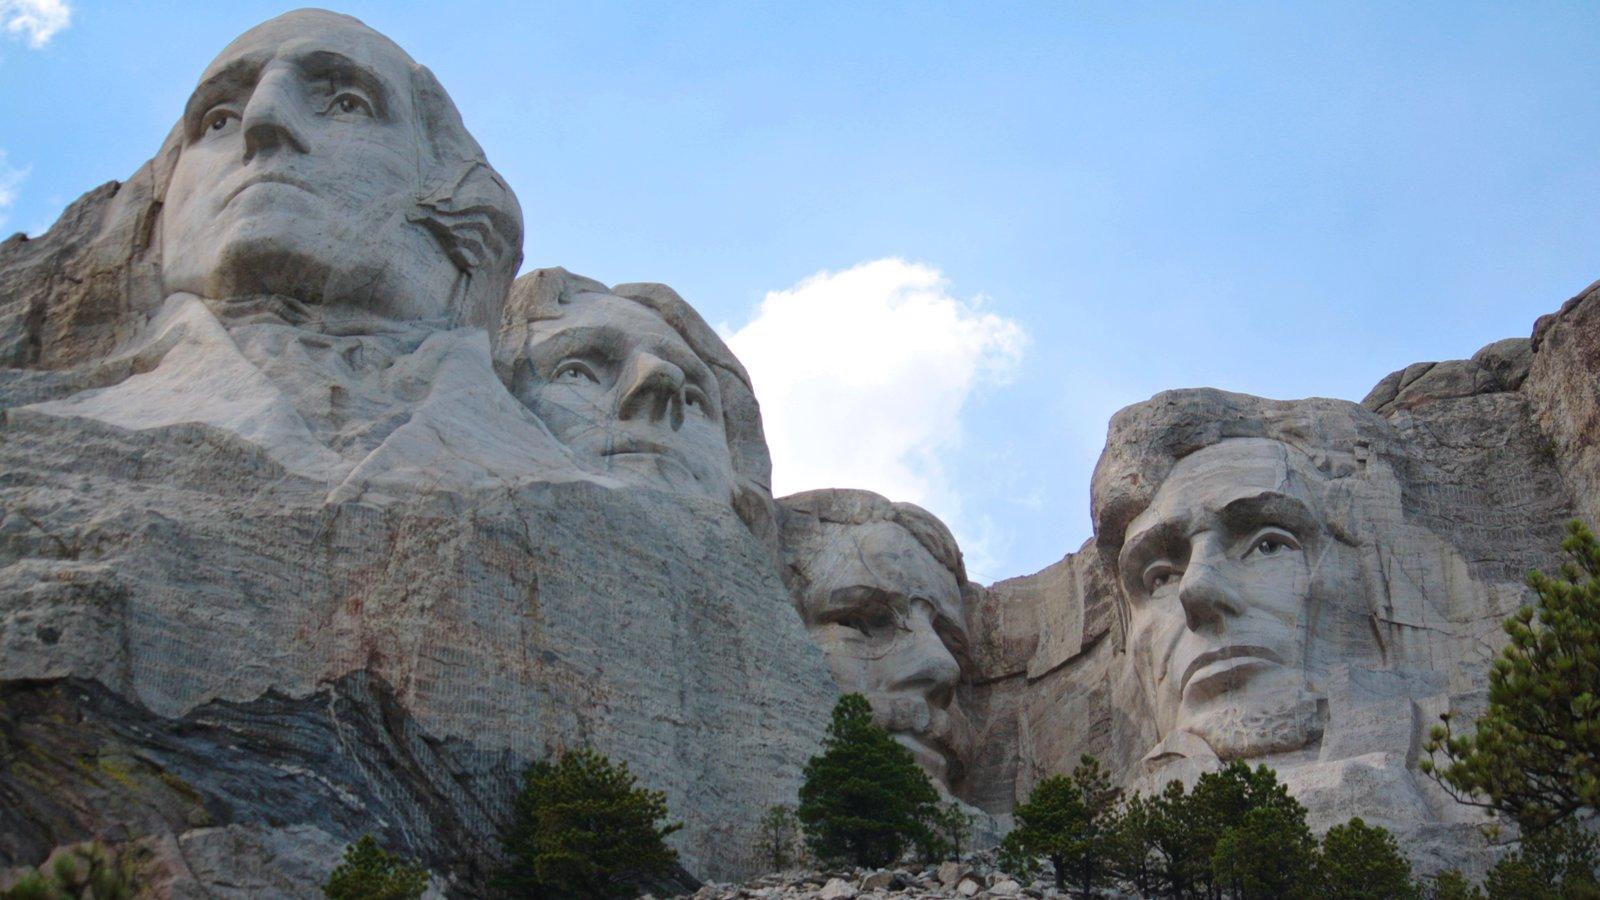 Mount Rushmore mostrando montanhas e um monumento